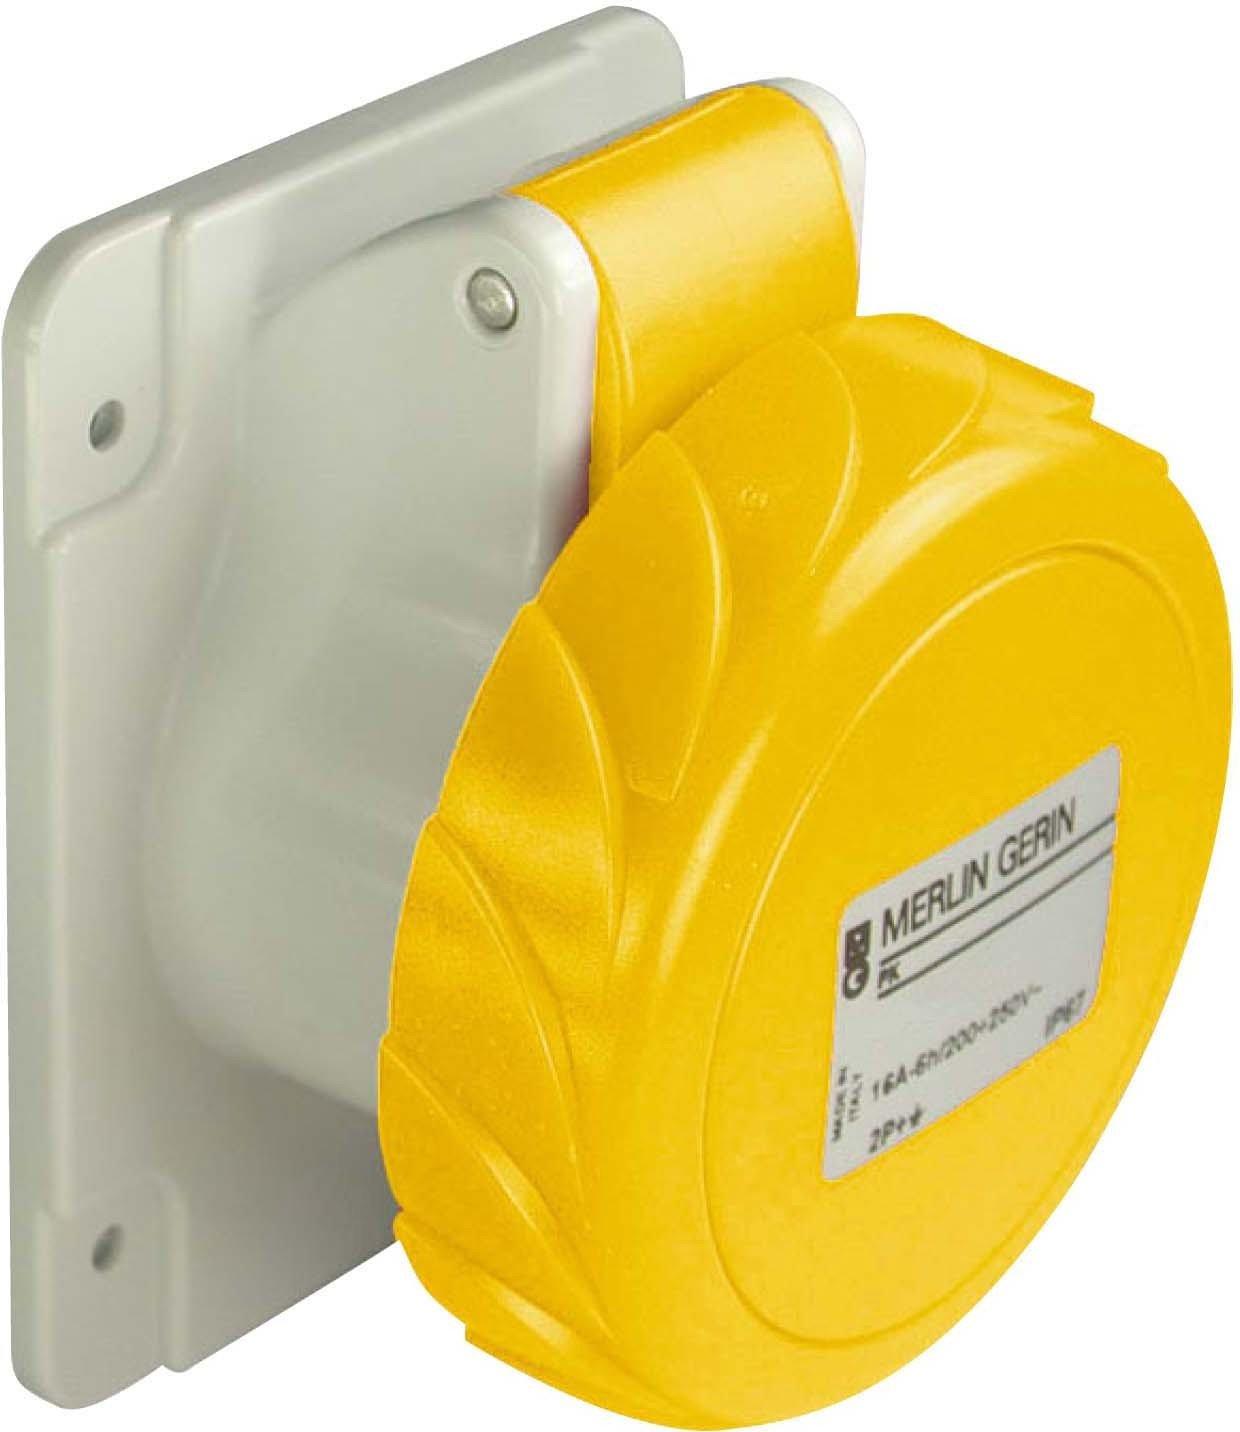 Schneider Electric 81676 Socle Prise ENC. Droit 63A 3PT 100-130V, White